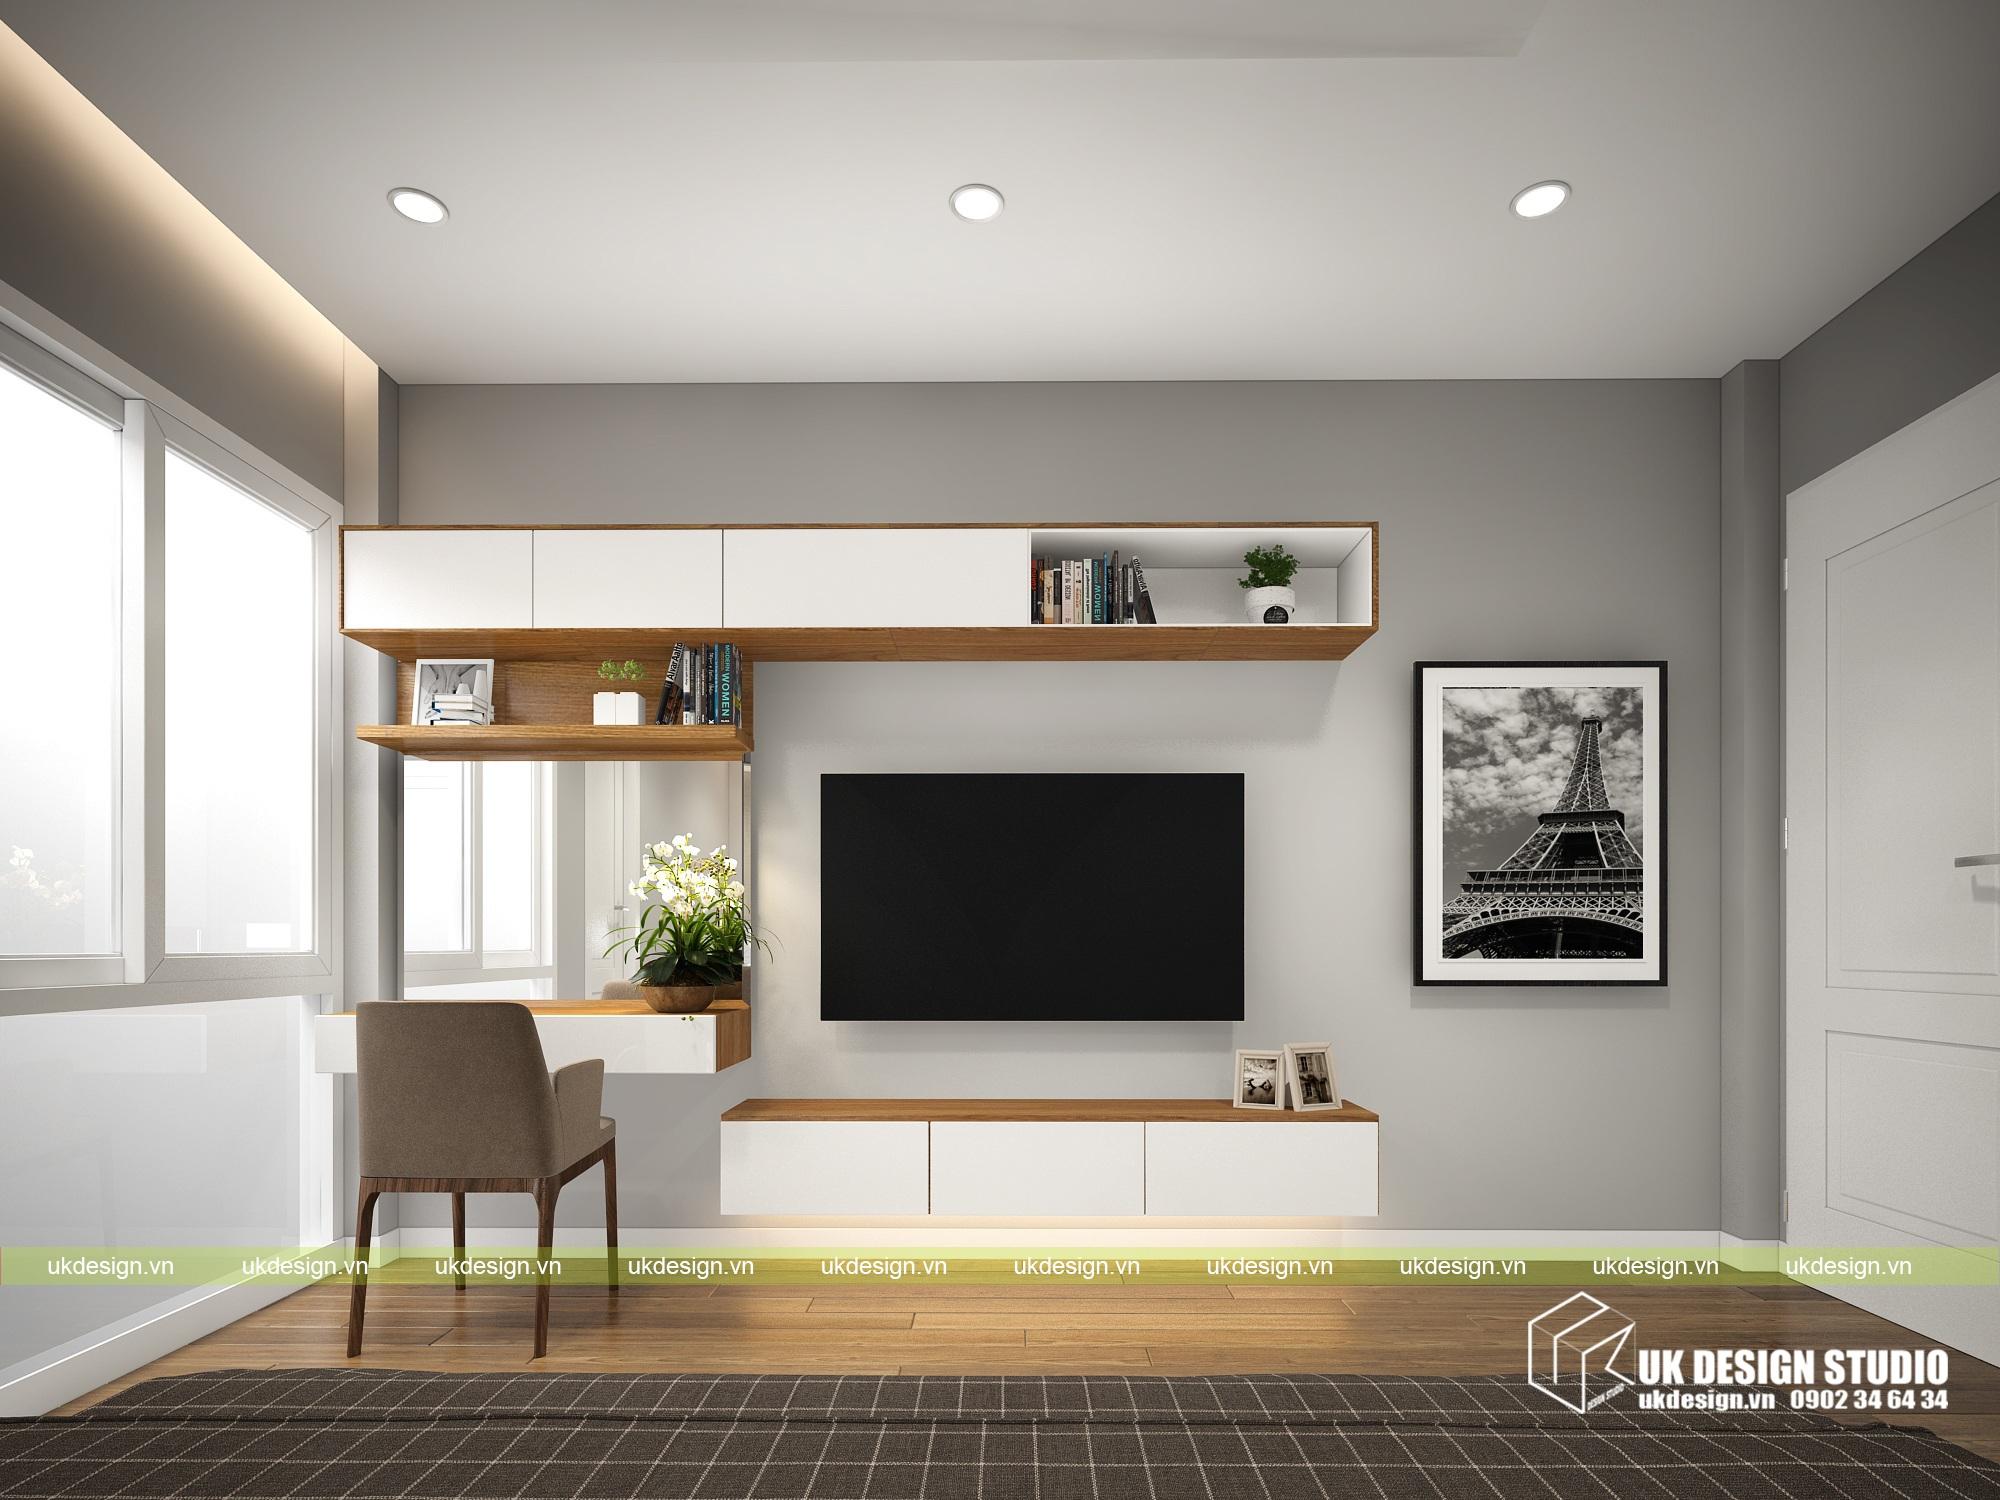 Thiết kế nội thất nhà phố hiện đại kết hợp văn phòng kinh doanh - 7